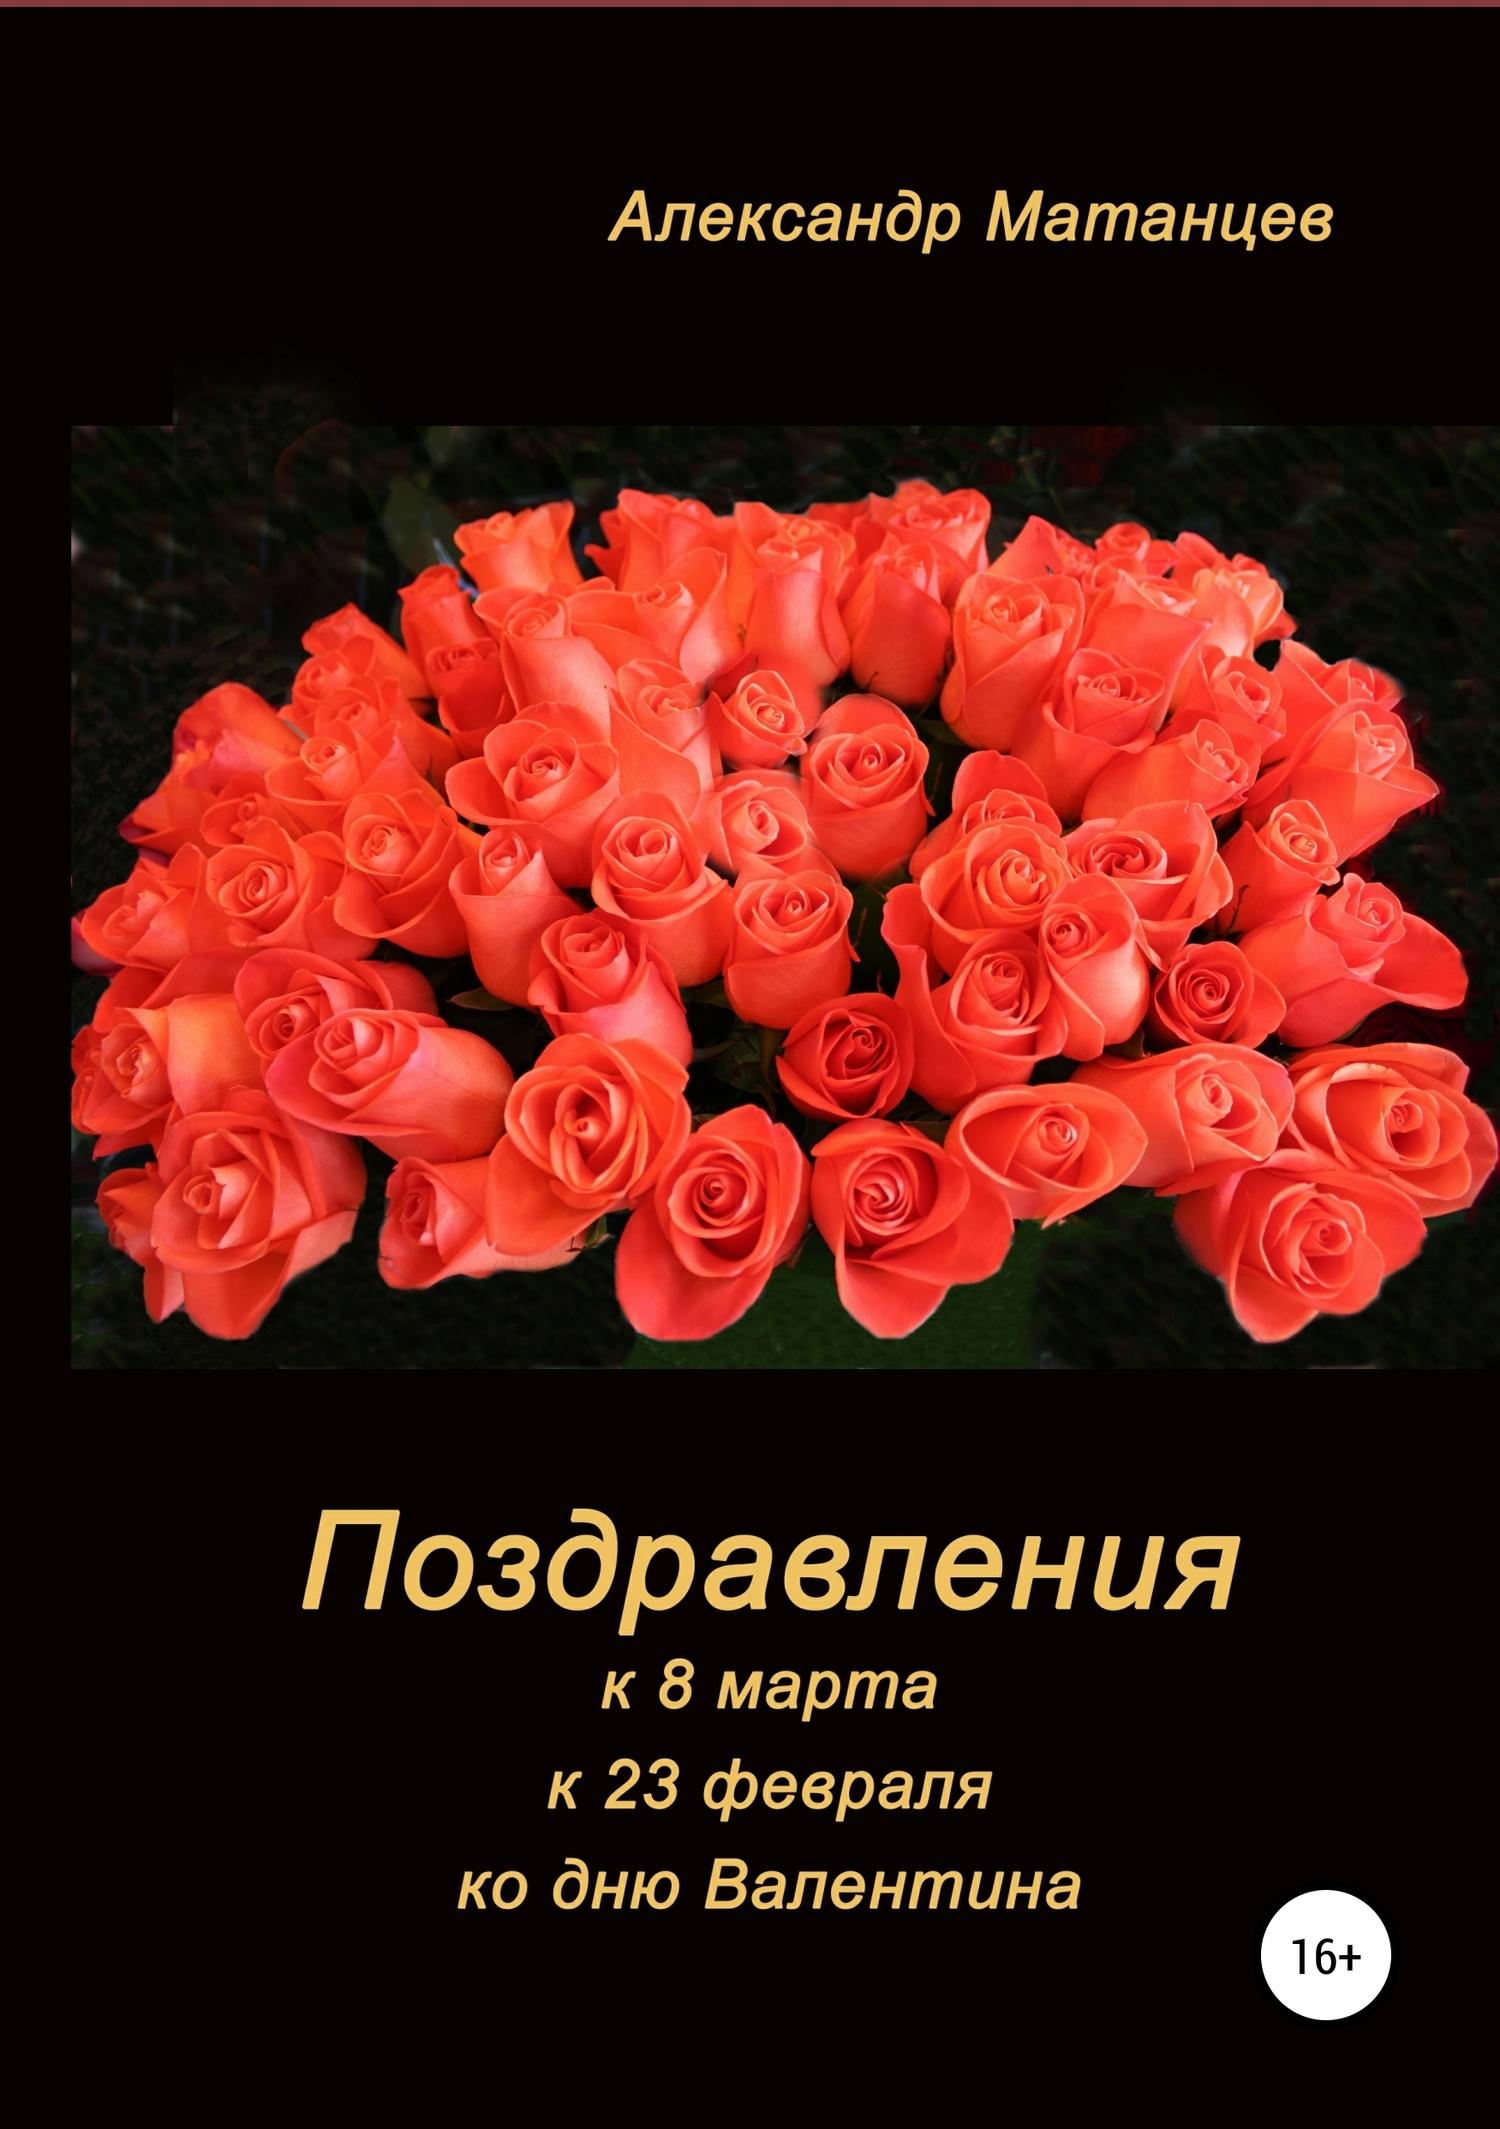 Александр Матанцев - Поздравления к 8 марта, 23 февраля, ко дню Валентина